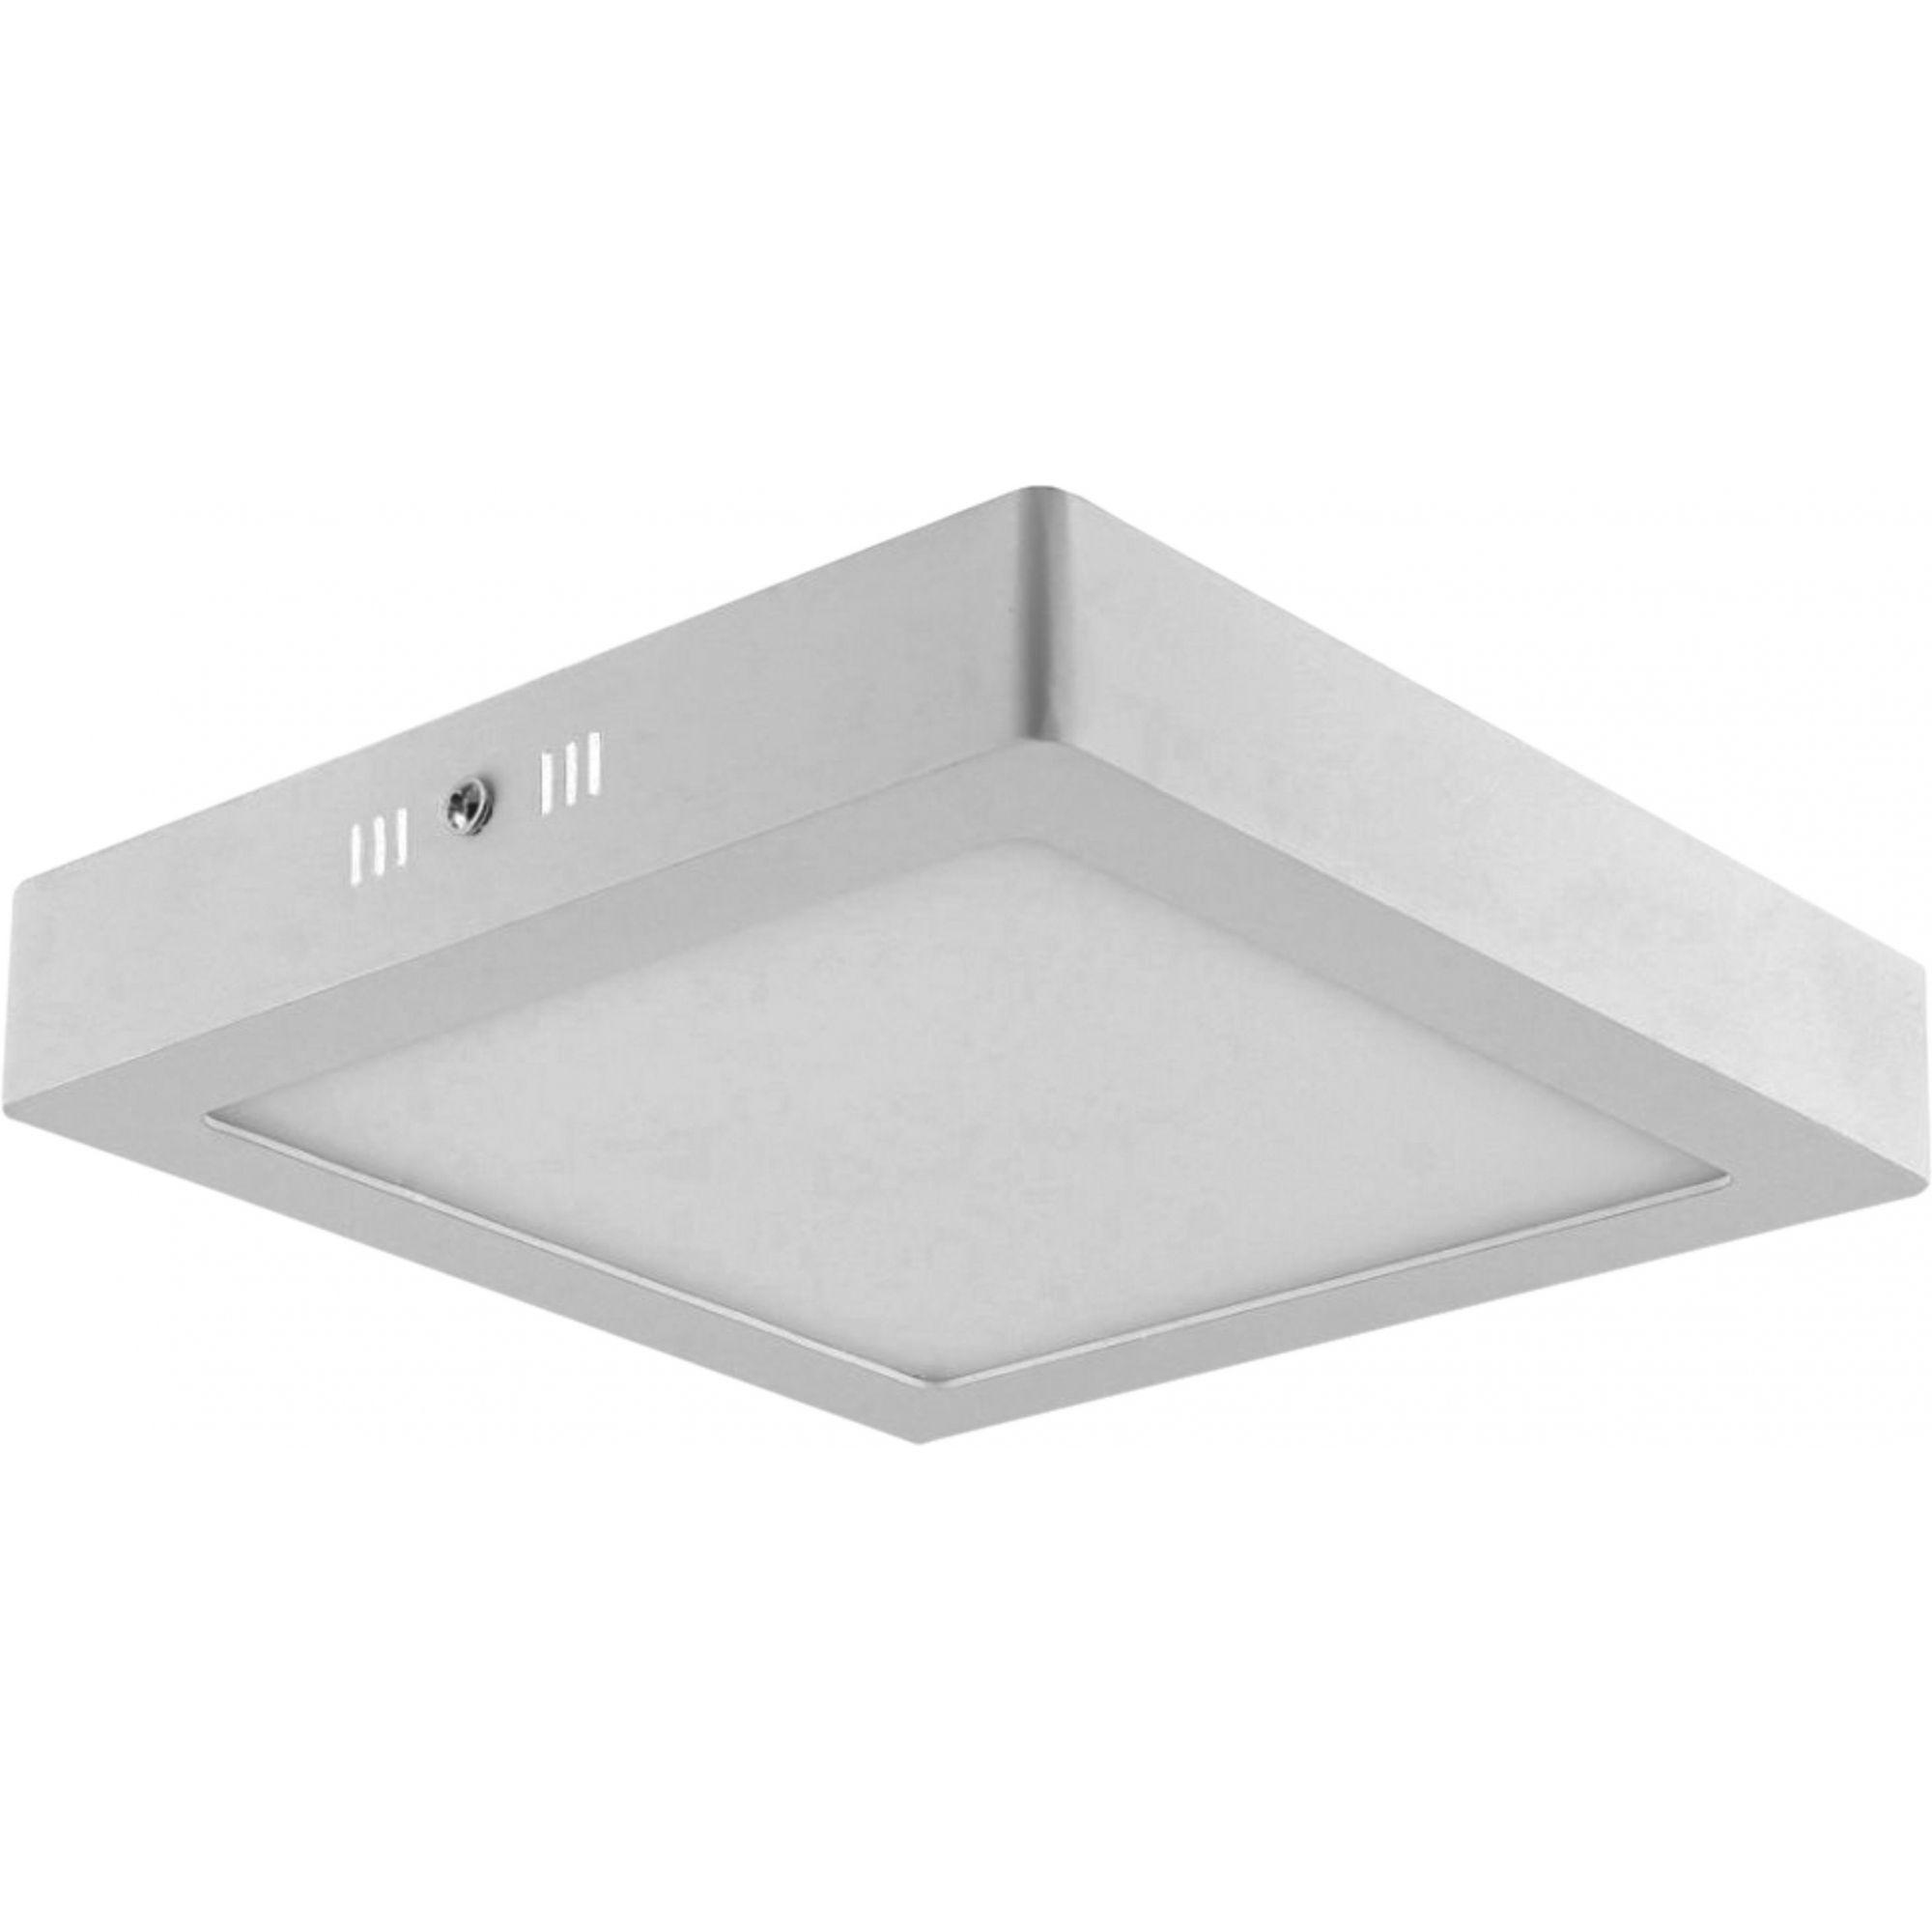 Painel LED Sobrepor 40W 40X40CM Quadrado Bivolt - Branco Frio 6000K